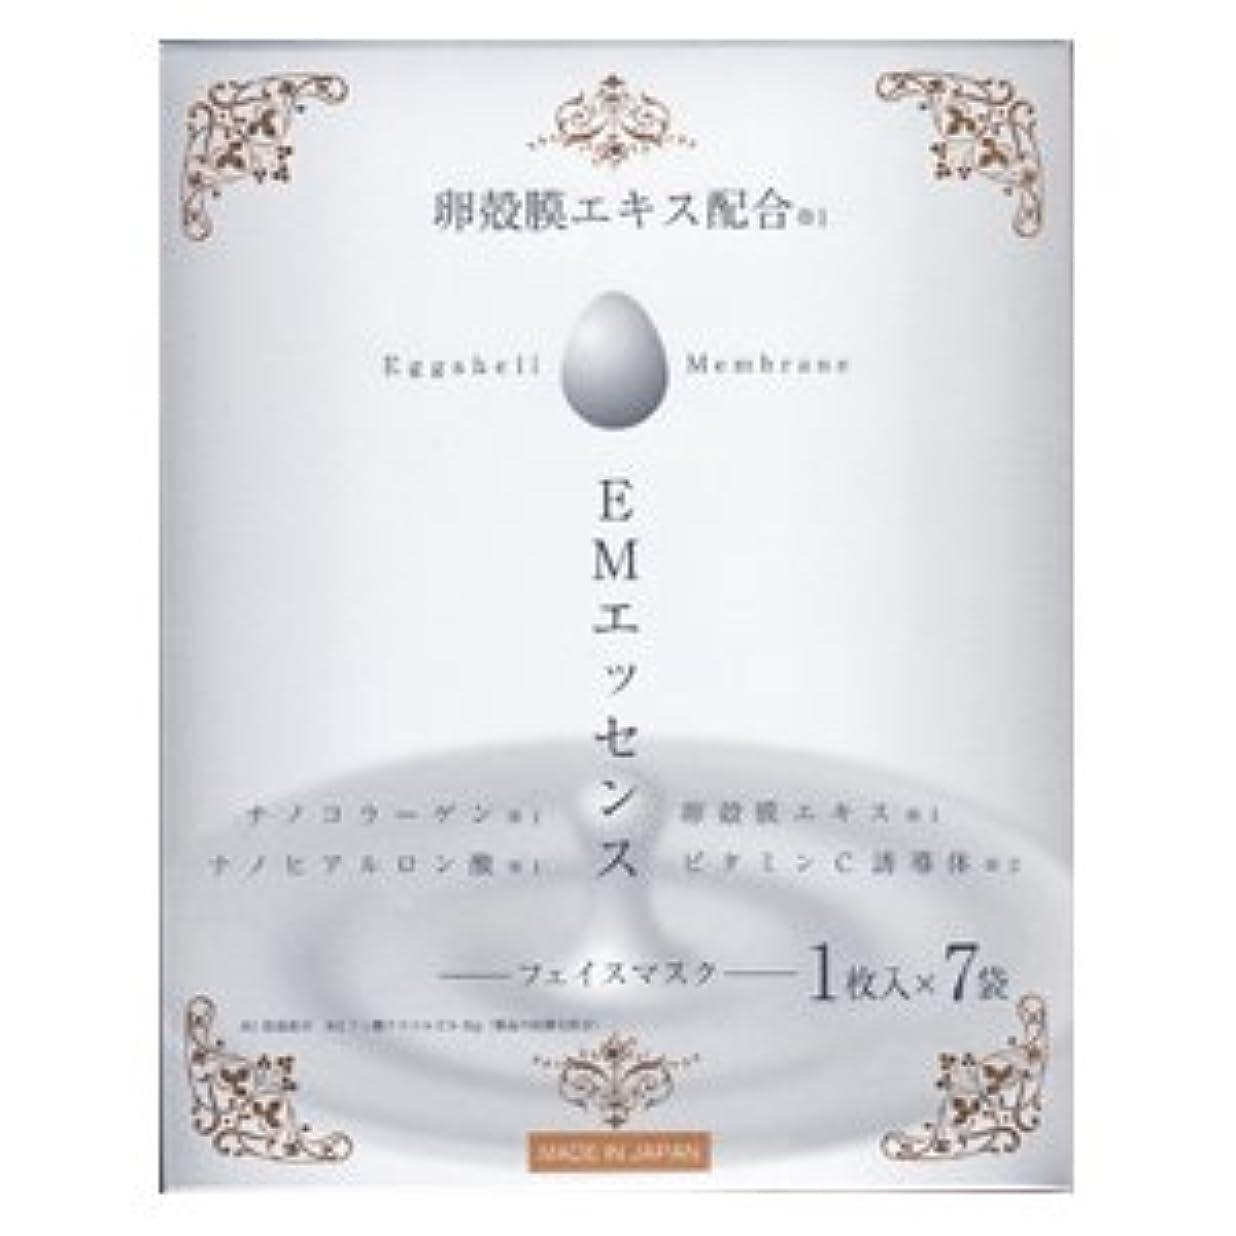 定義するキリスト教町卵殻膜エキス配合 EMエッセンス フェイスマスク 1枚入×7袋